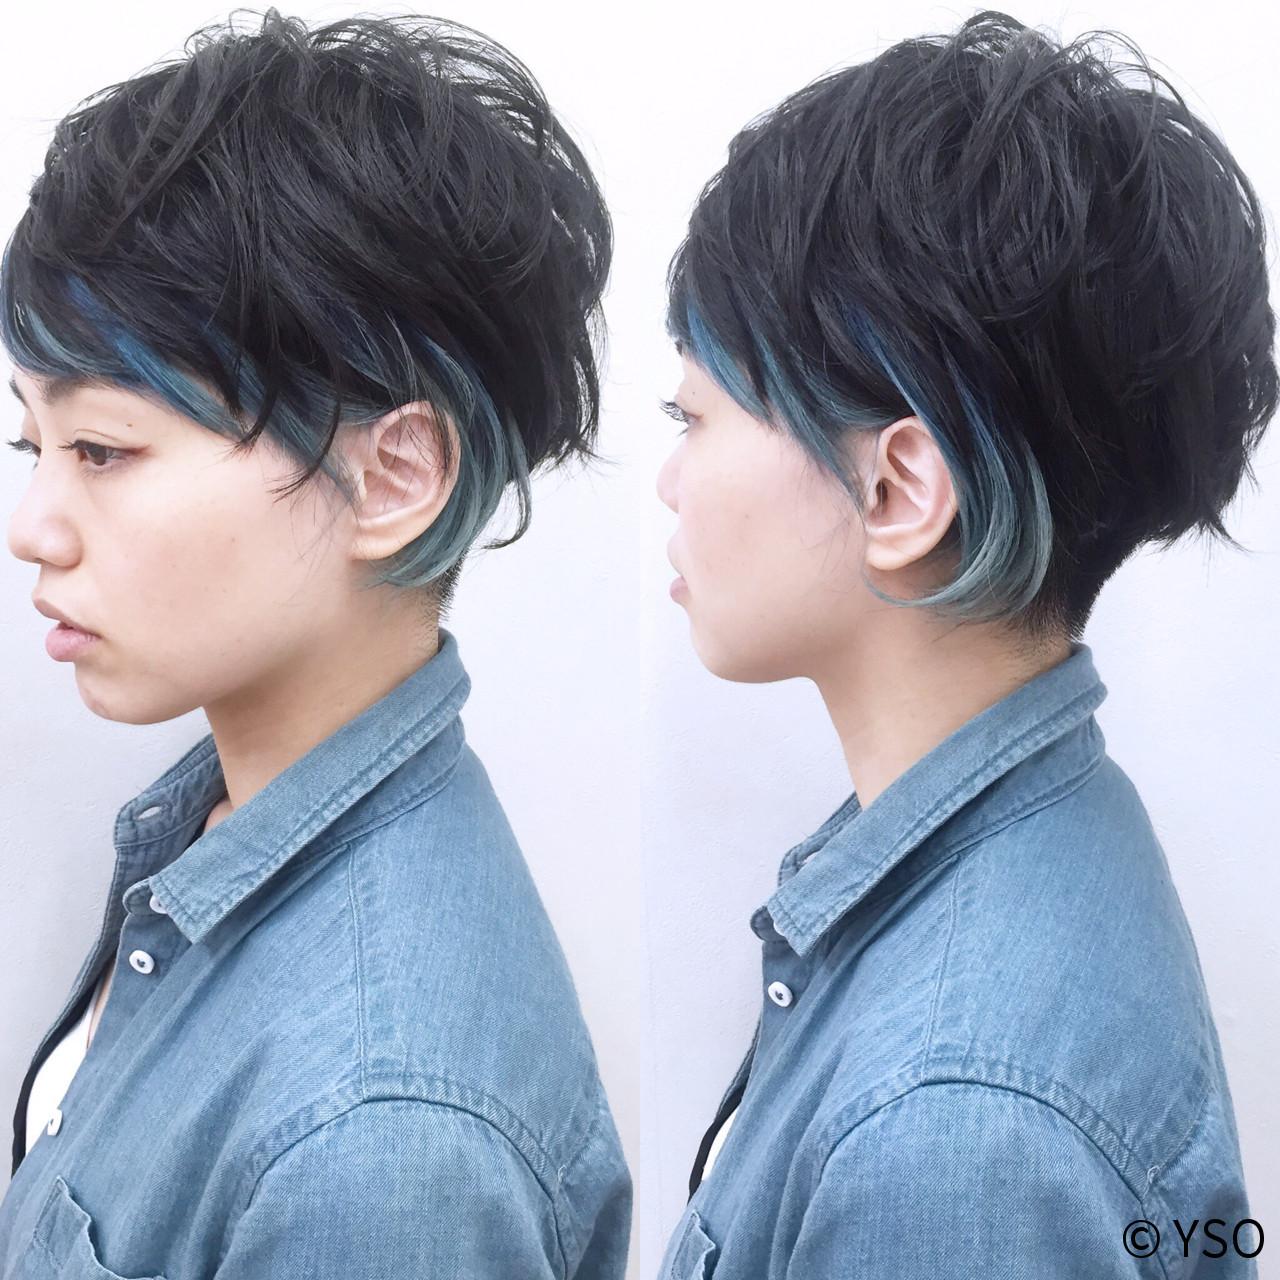 黒髪 モード インナーカラー ショート ヘアスタイルや髪型の写真・画像